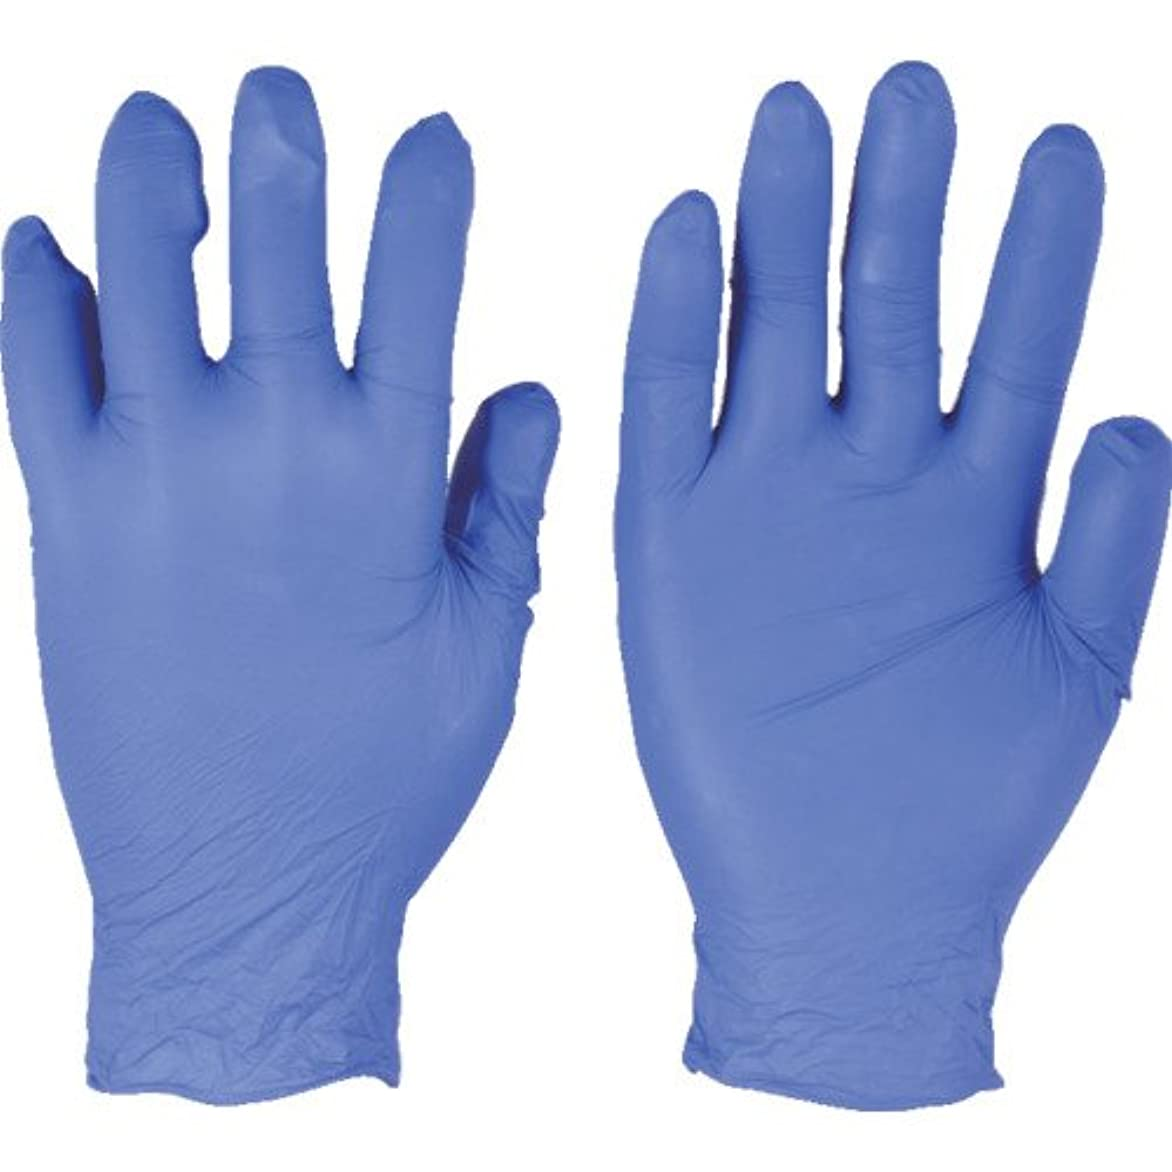 エキサイティング喜んでフラップトラスコ中山 アンセル ニトリルゴム使い捨て手袋 エッジ 82-133 Mサイズ(300枚入り)  (300枚入) 821338